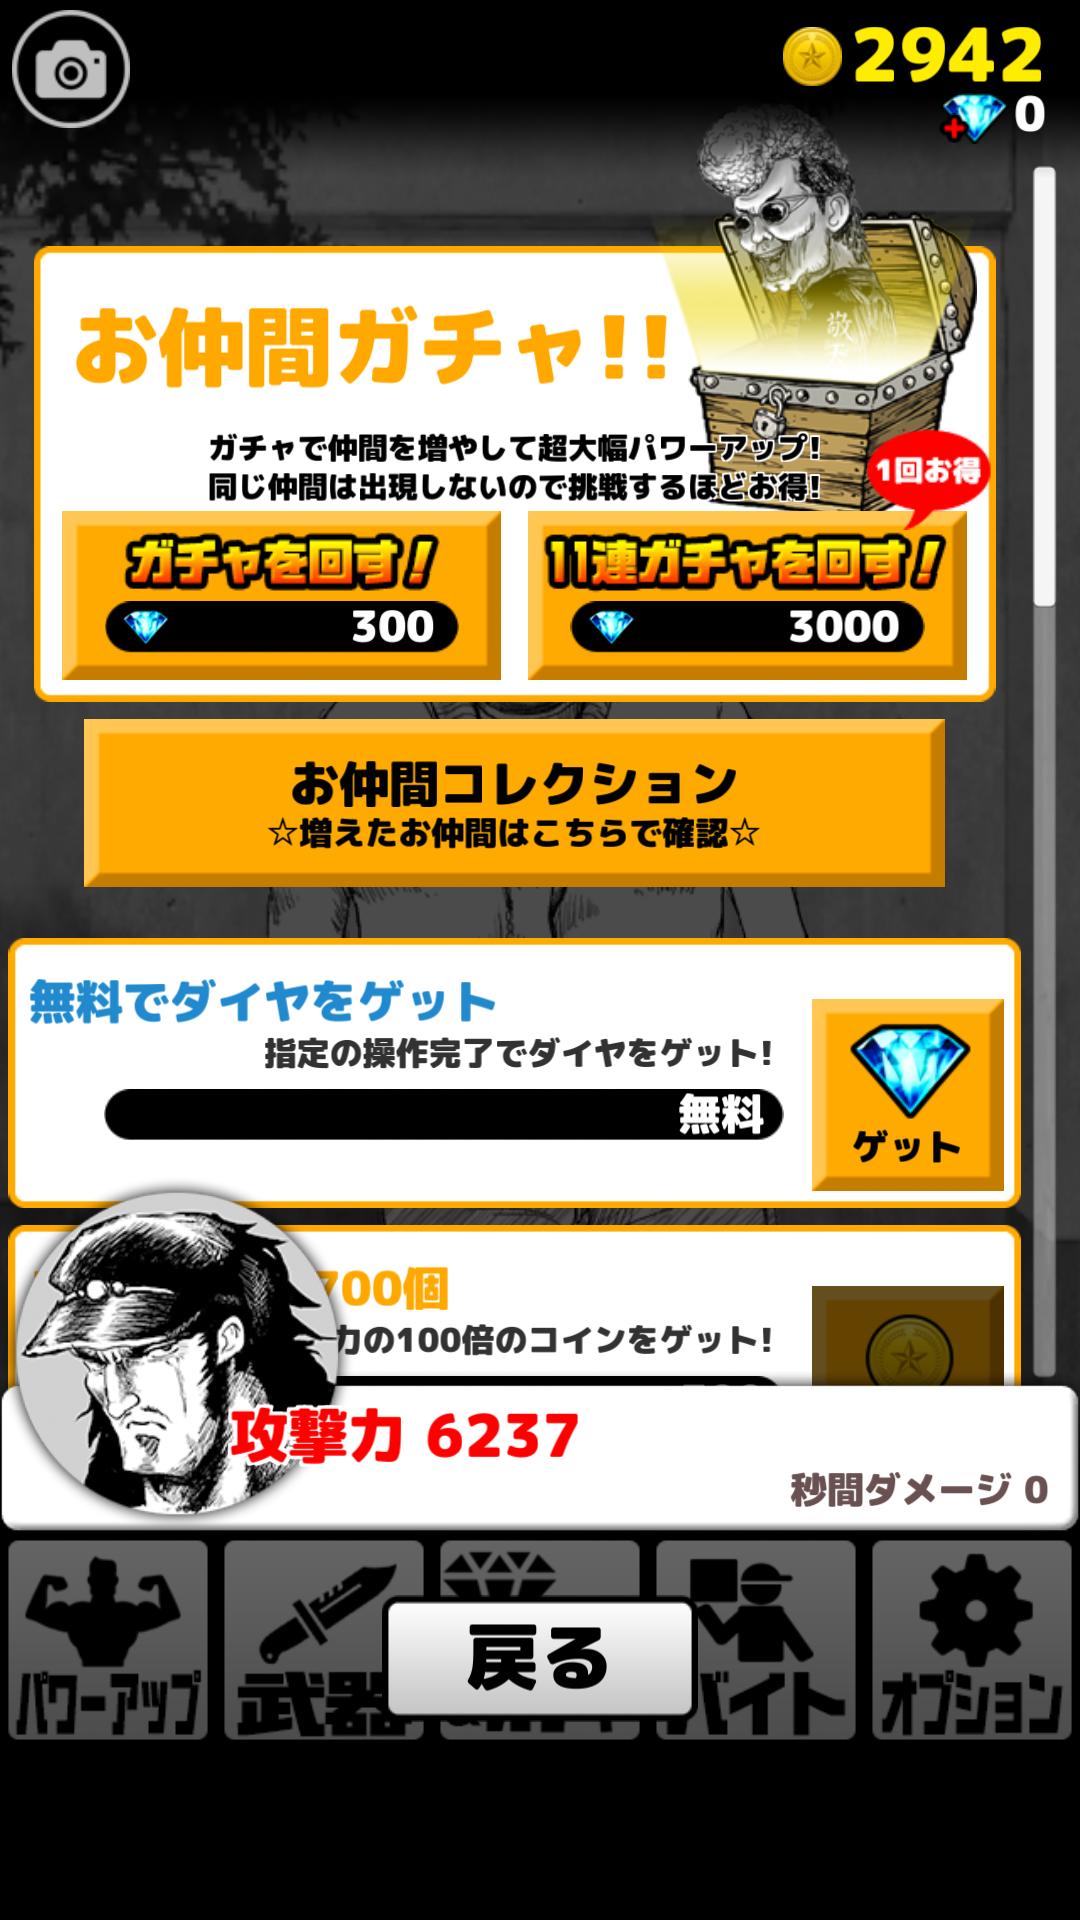 androidアプリ ゲス野郎と拳攻略スクリーンショット7